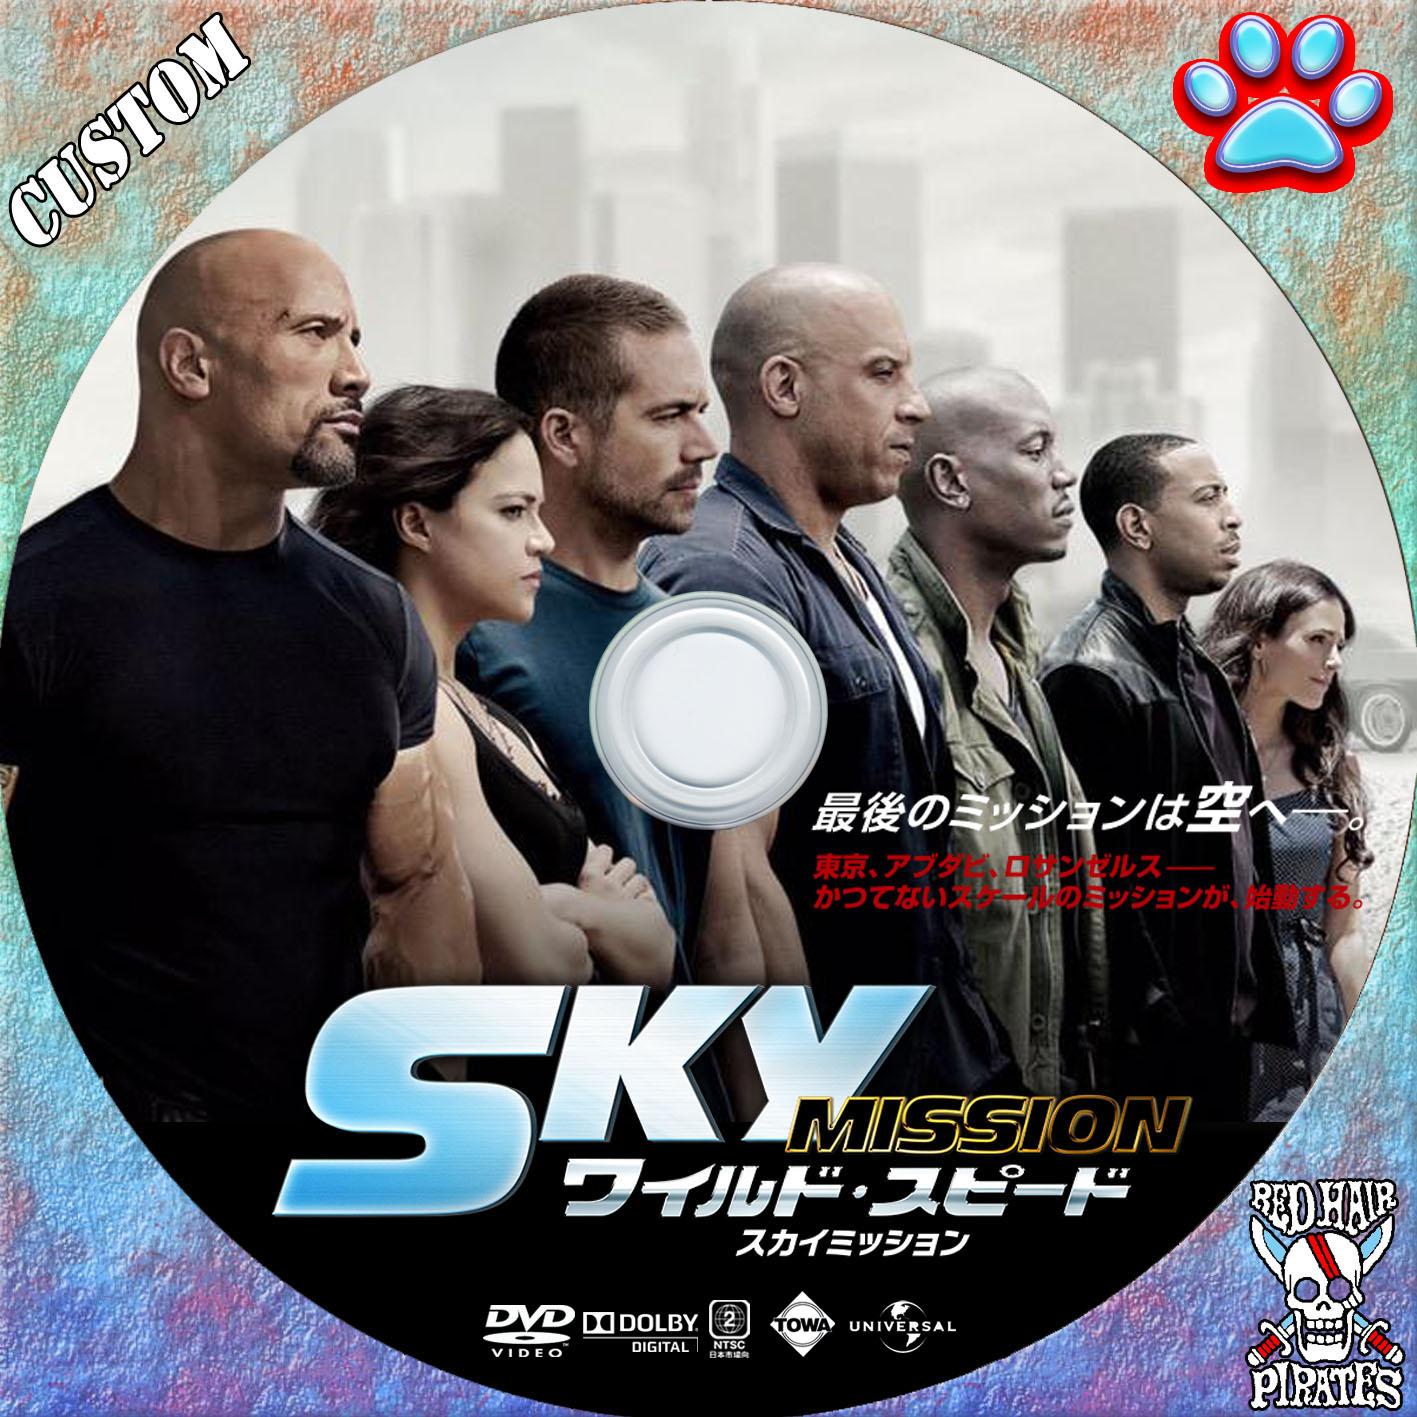 ワイルド スピード スカイ ミッション 映画『ワイルド・スピード SKY...